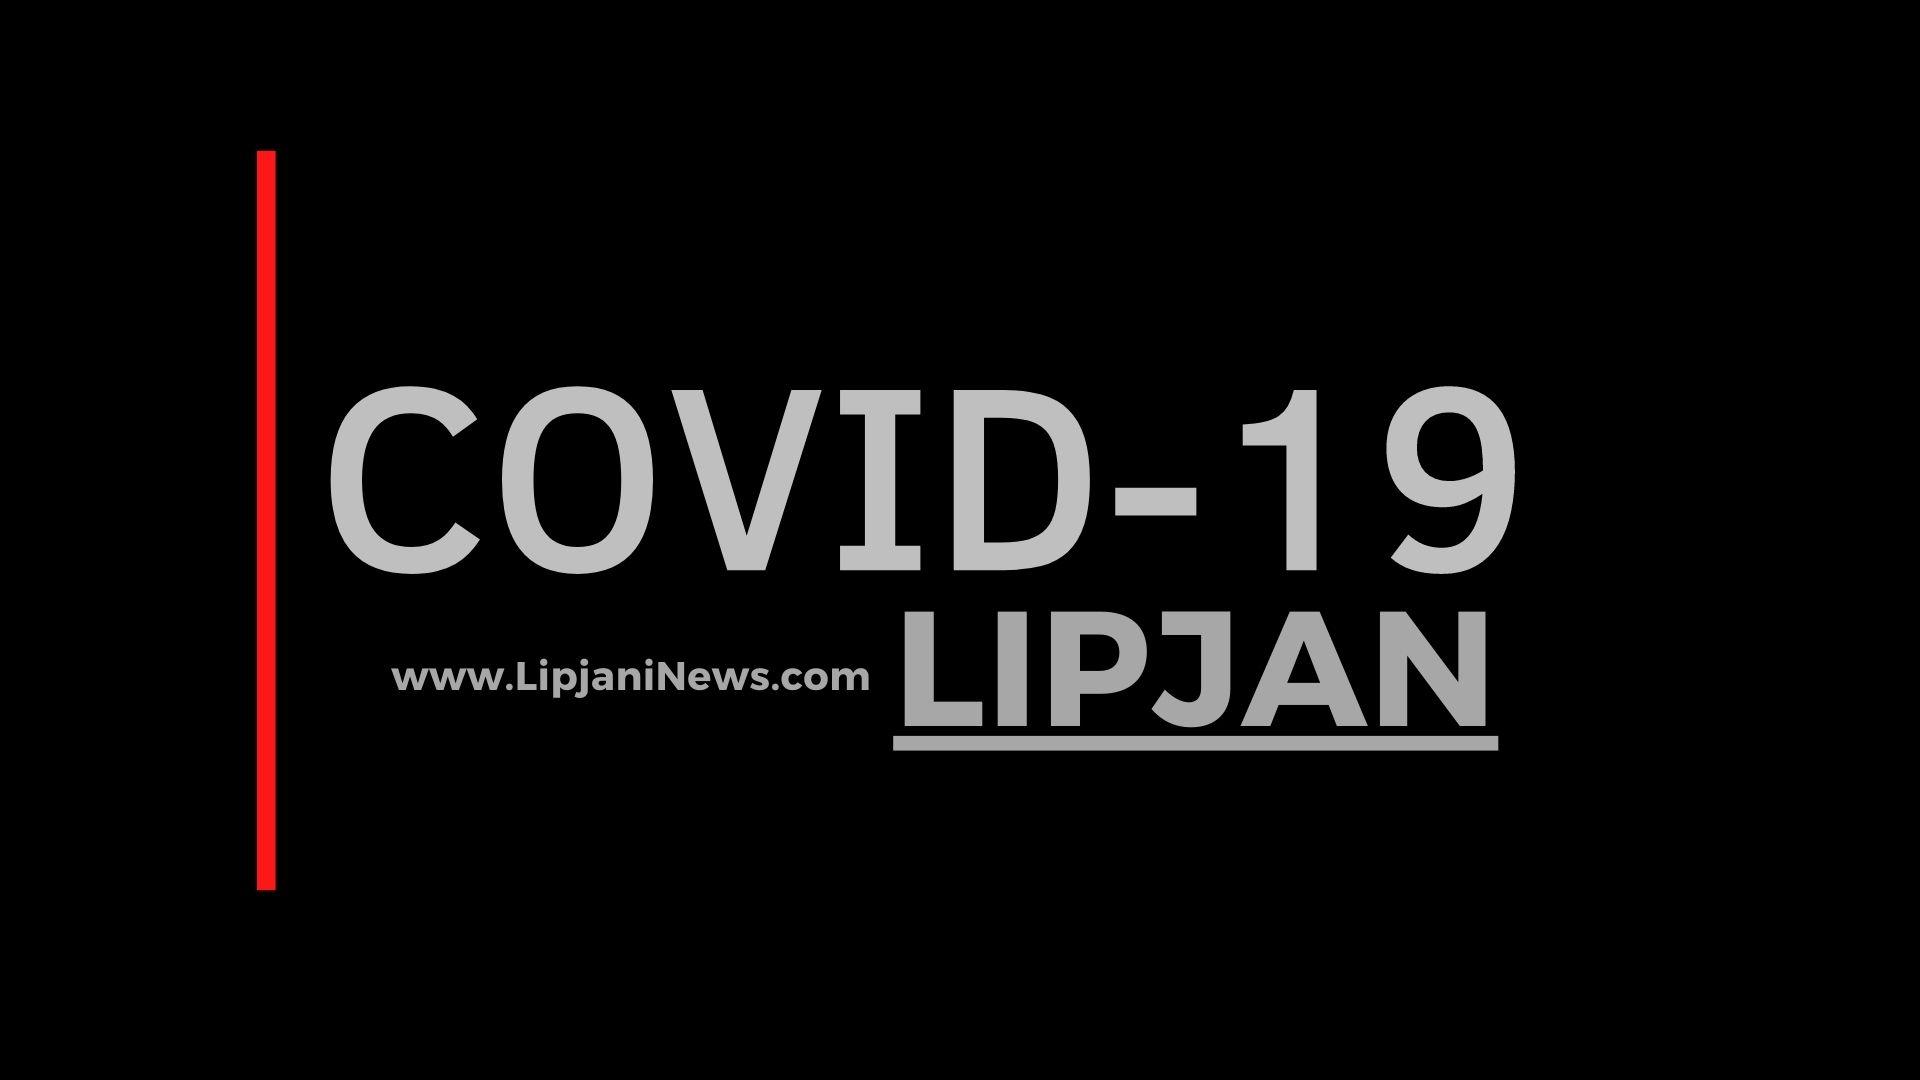 Bilanci me Covid-19 që nga fillimi i pandemisë në Lipjan: 1005 raste pozitive, mbi 500 të shëruar, 23 vdekje